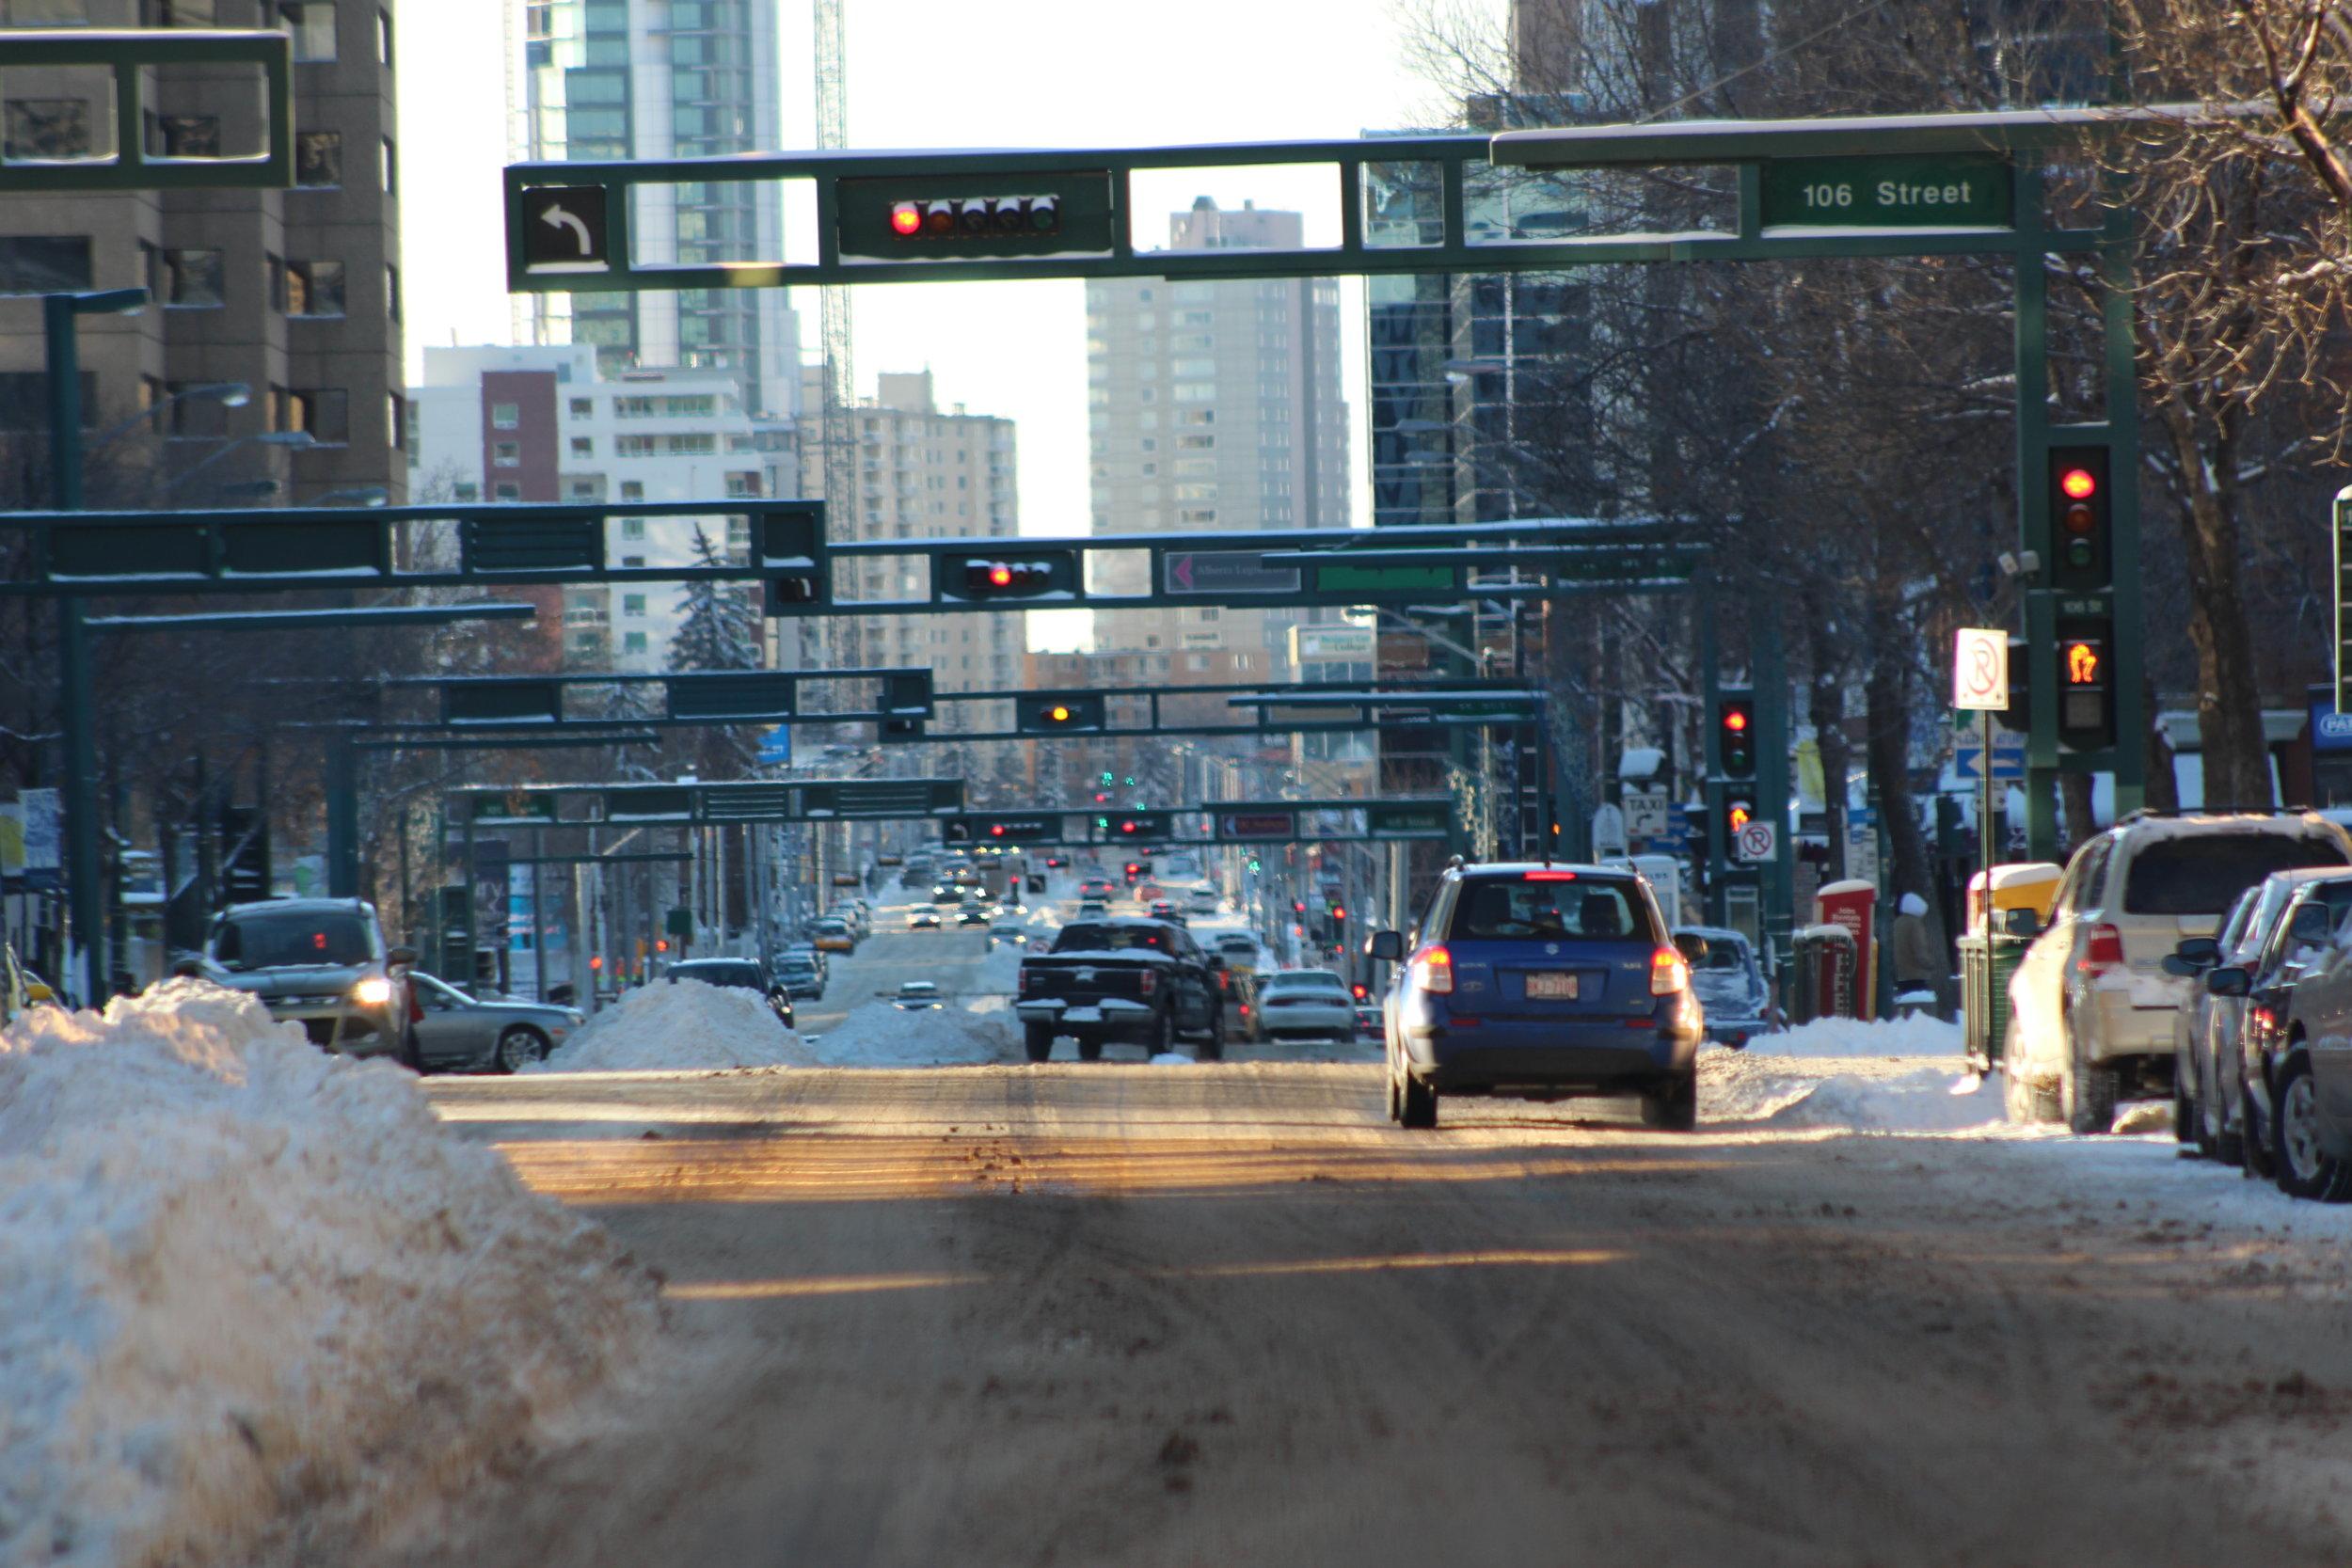 winter_season_in_canada_11508882835.jpg